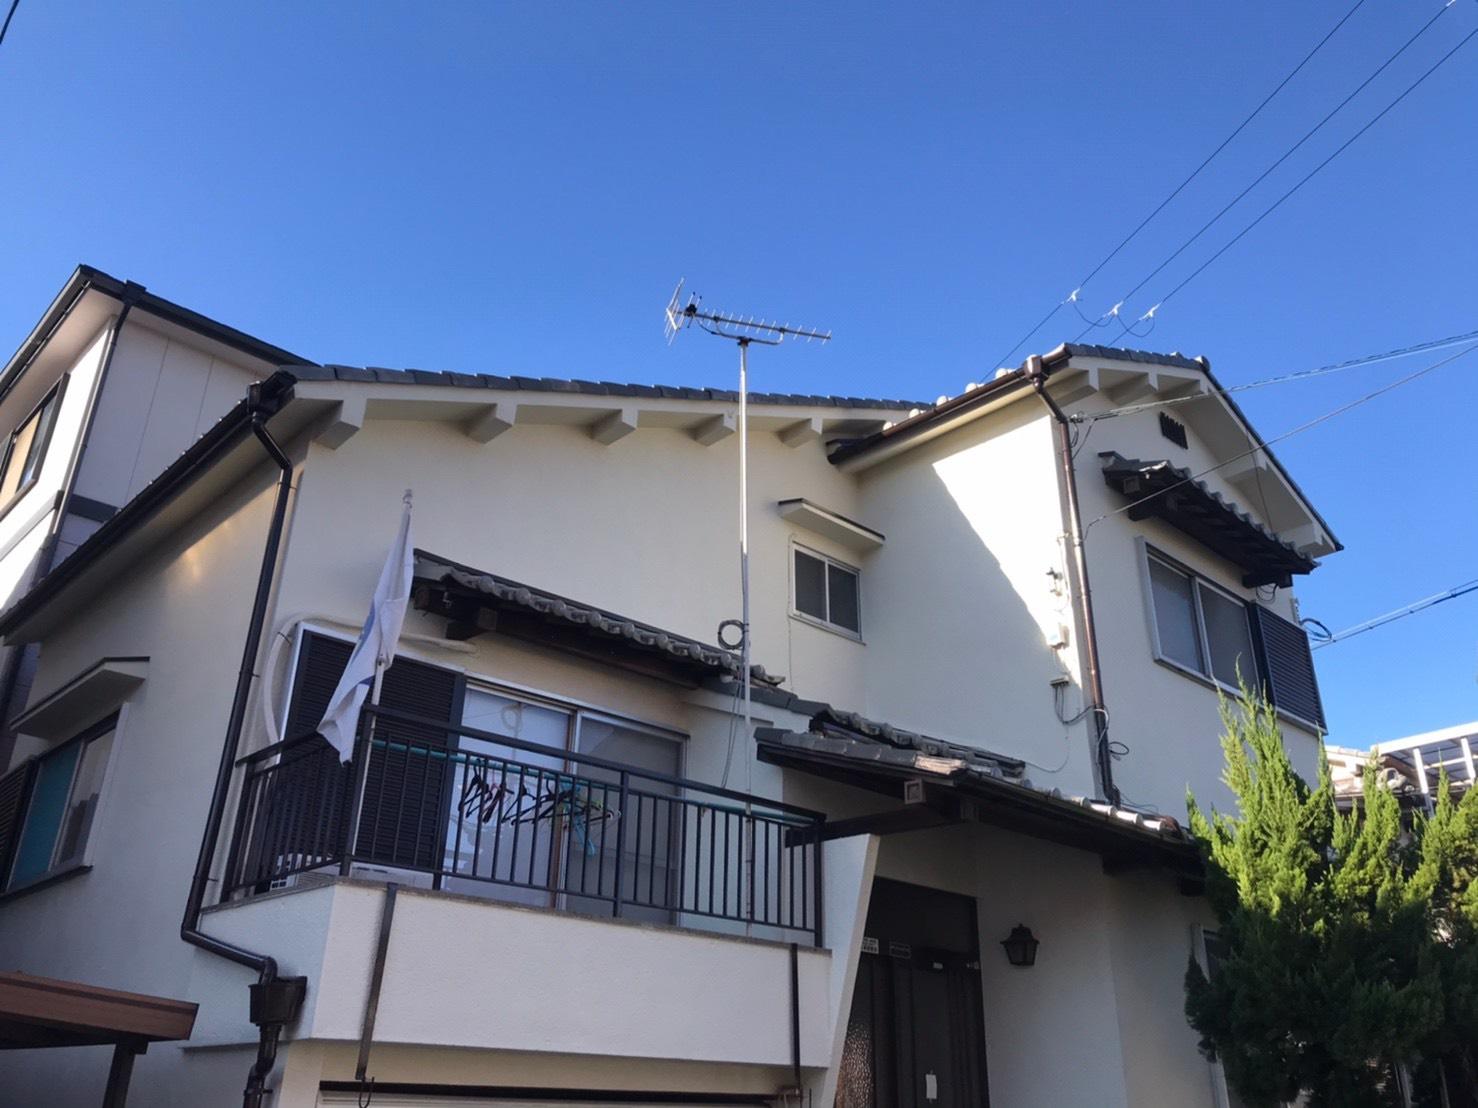 和泉市B様邸外壁補修、塗り替え工事 - AFTER